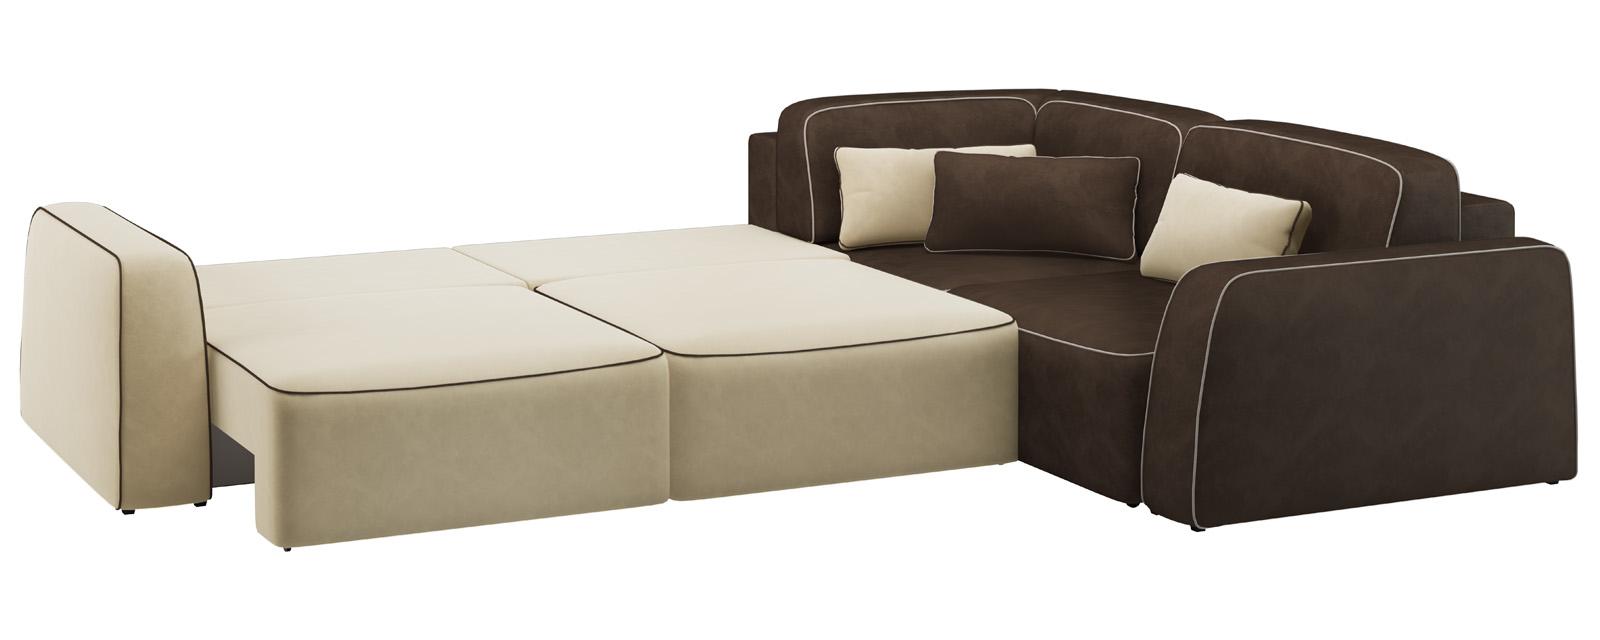 Модульный диван Портленд 350 см Вариант №1 Velure бежевый/темно-коричневый (Велюр) от HomeMe.ru